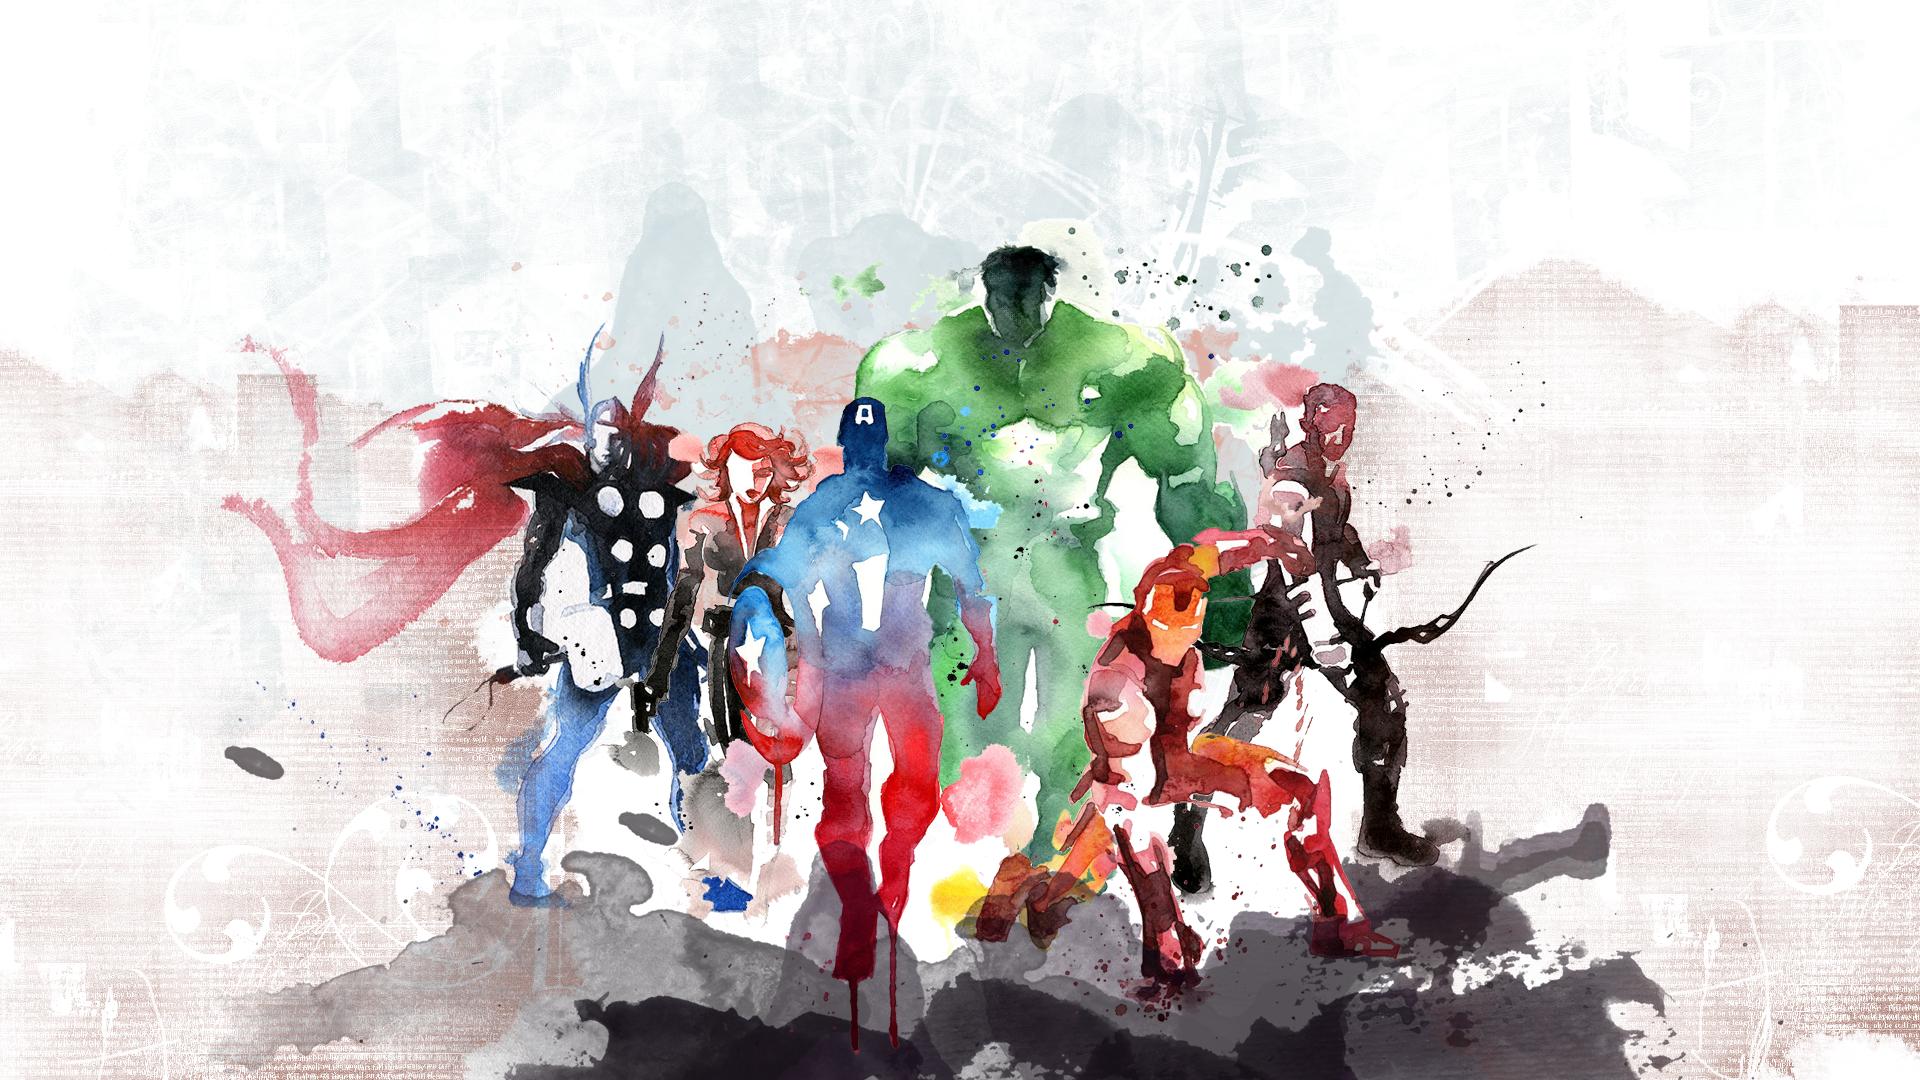 Avengers Endgame Pinterest: The Avengers Wallpaper #47044